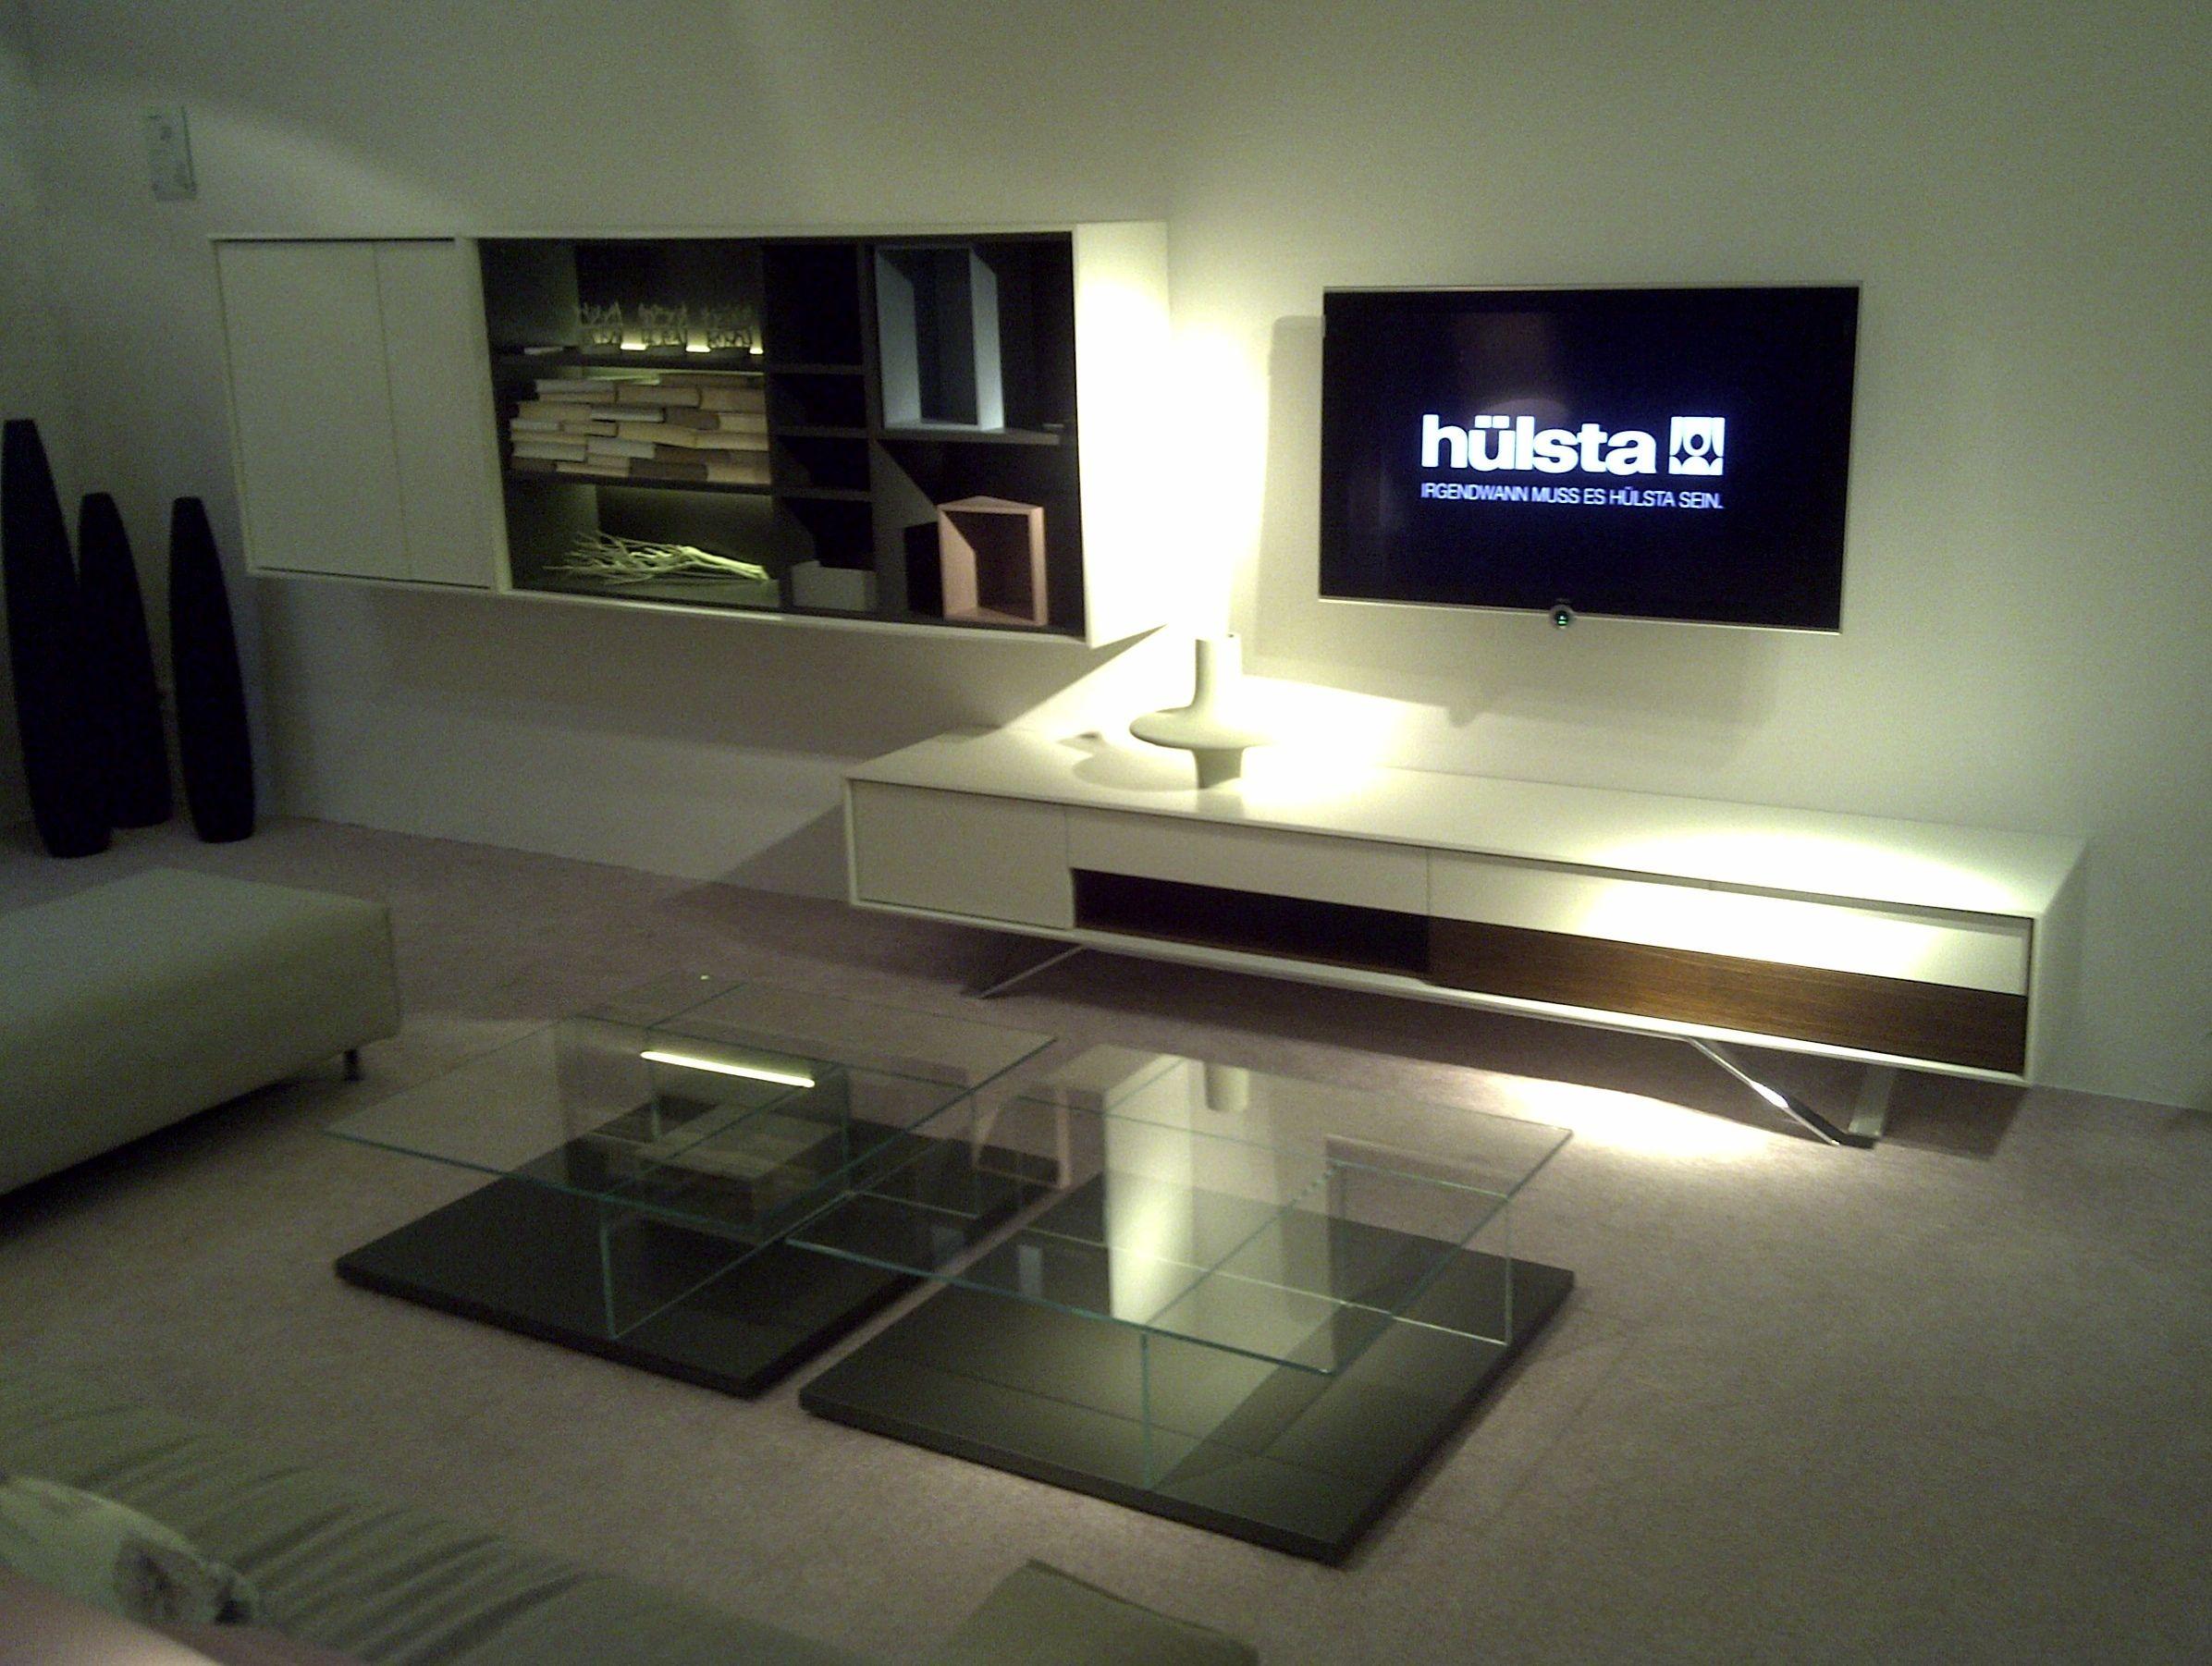 Hülsta wohnzimmerschrank ~ 12 best hülsta images on pinterest living room open shelving